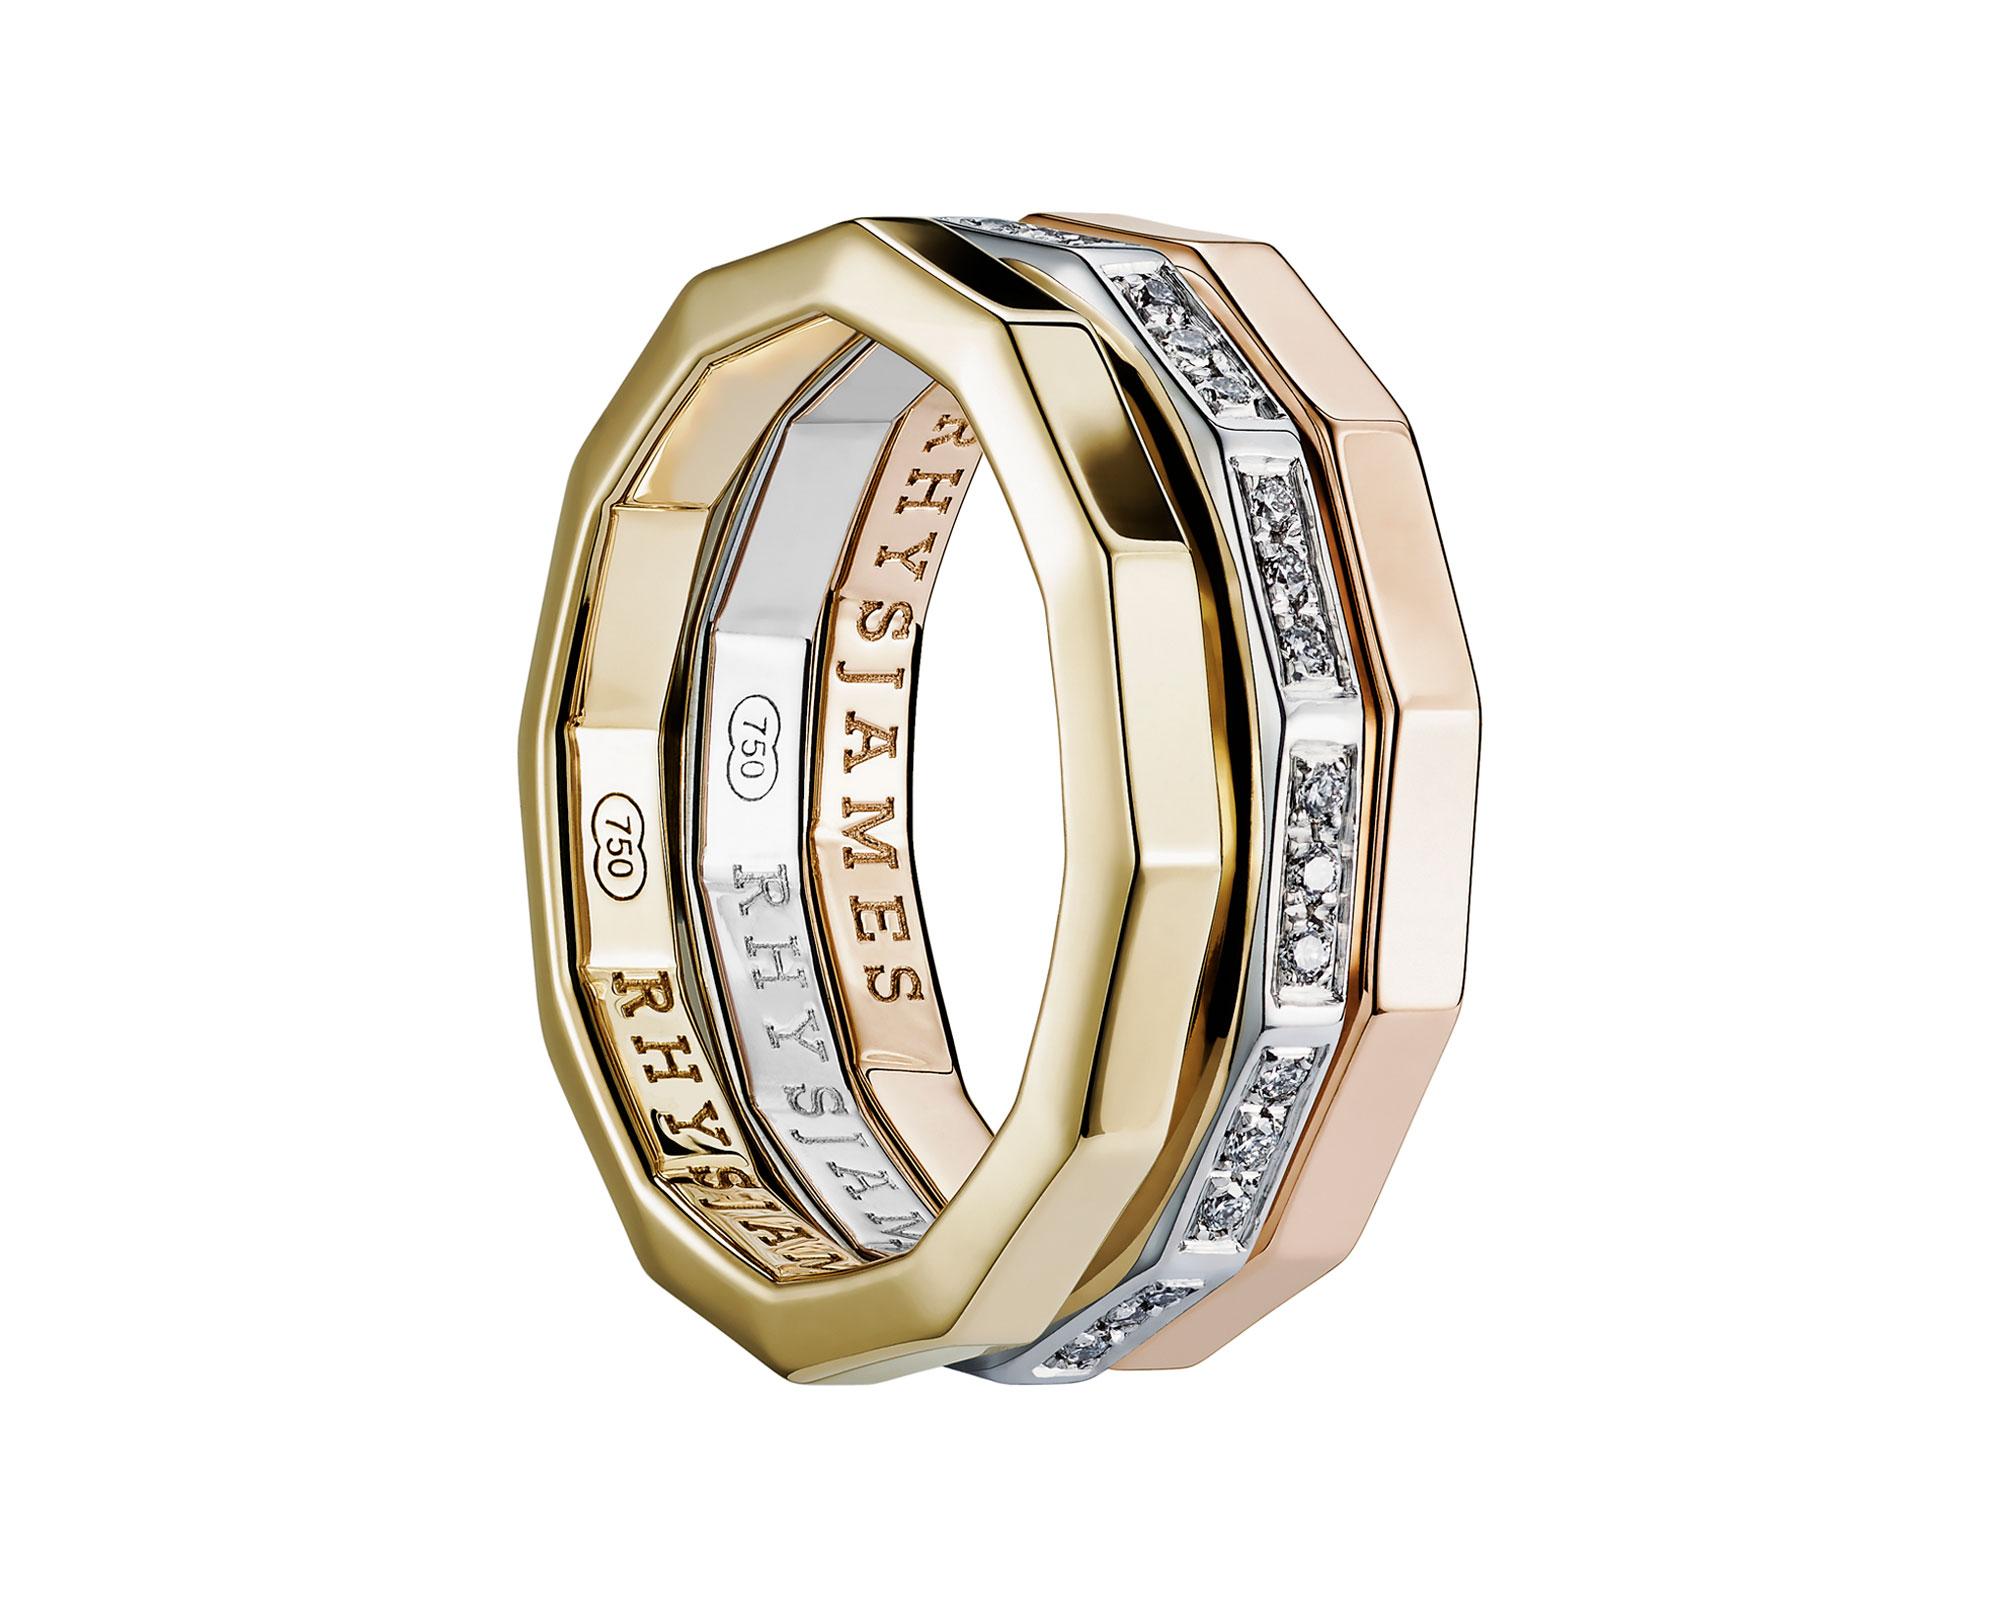 Voyager Rings